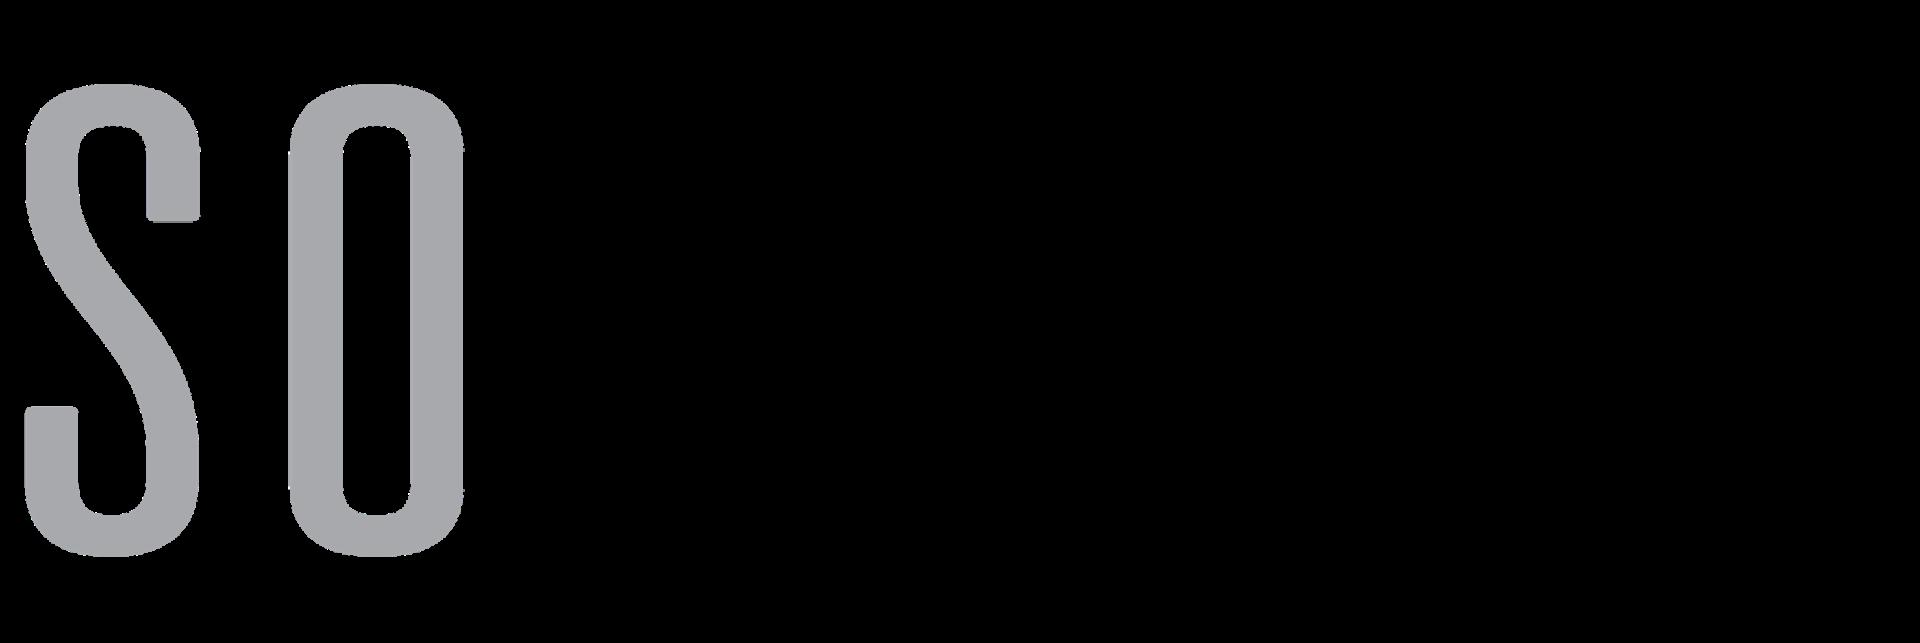 so-brave-logo